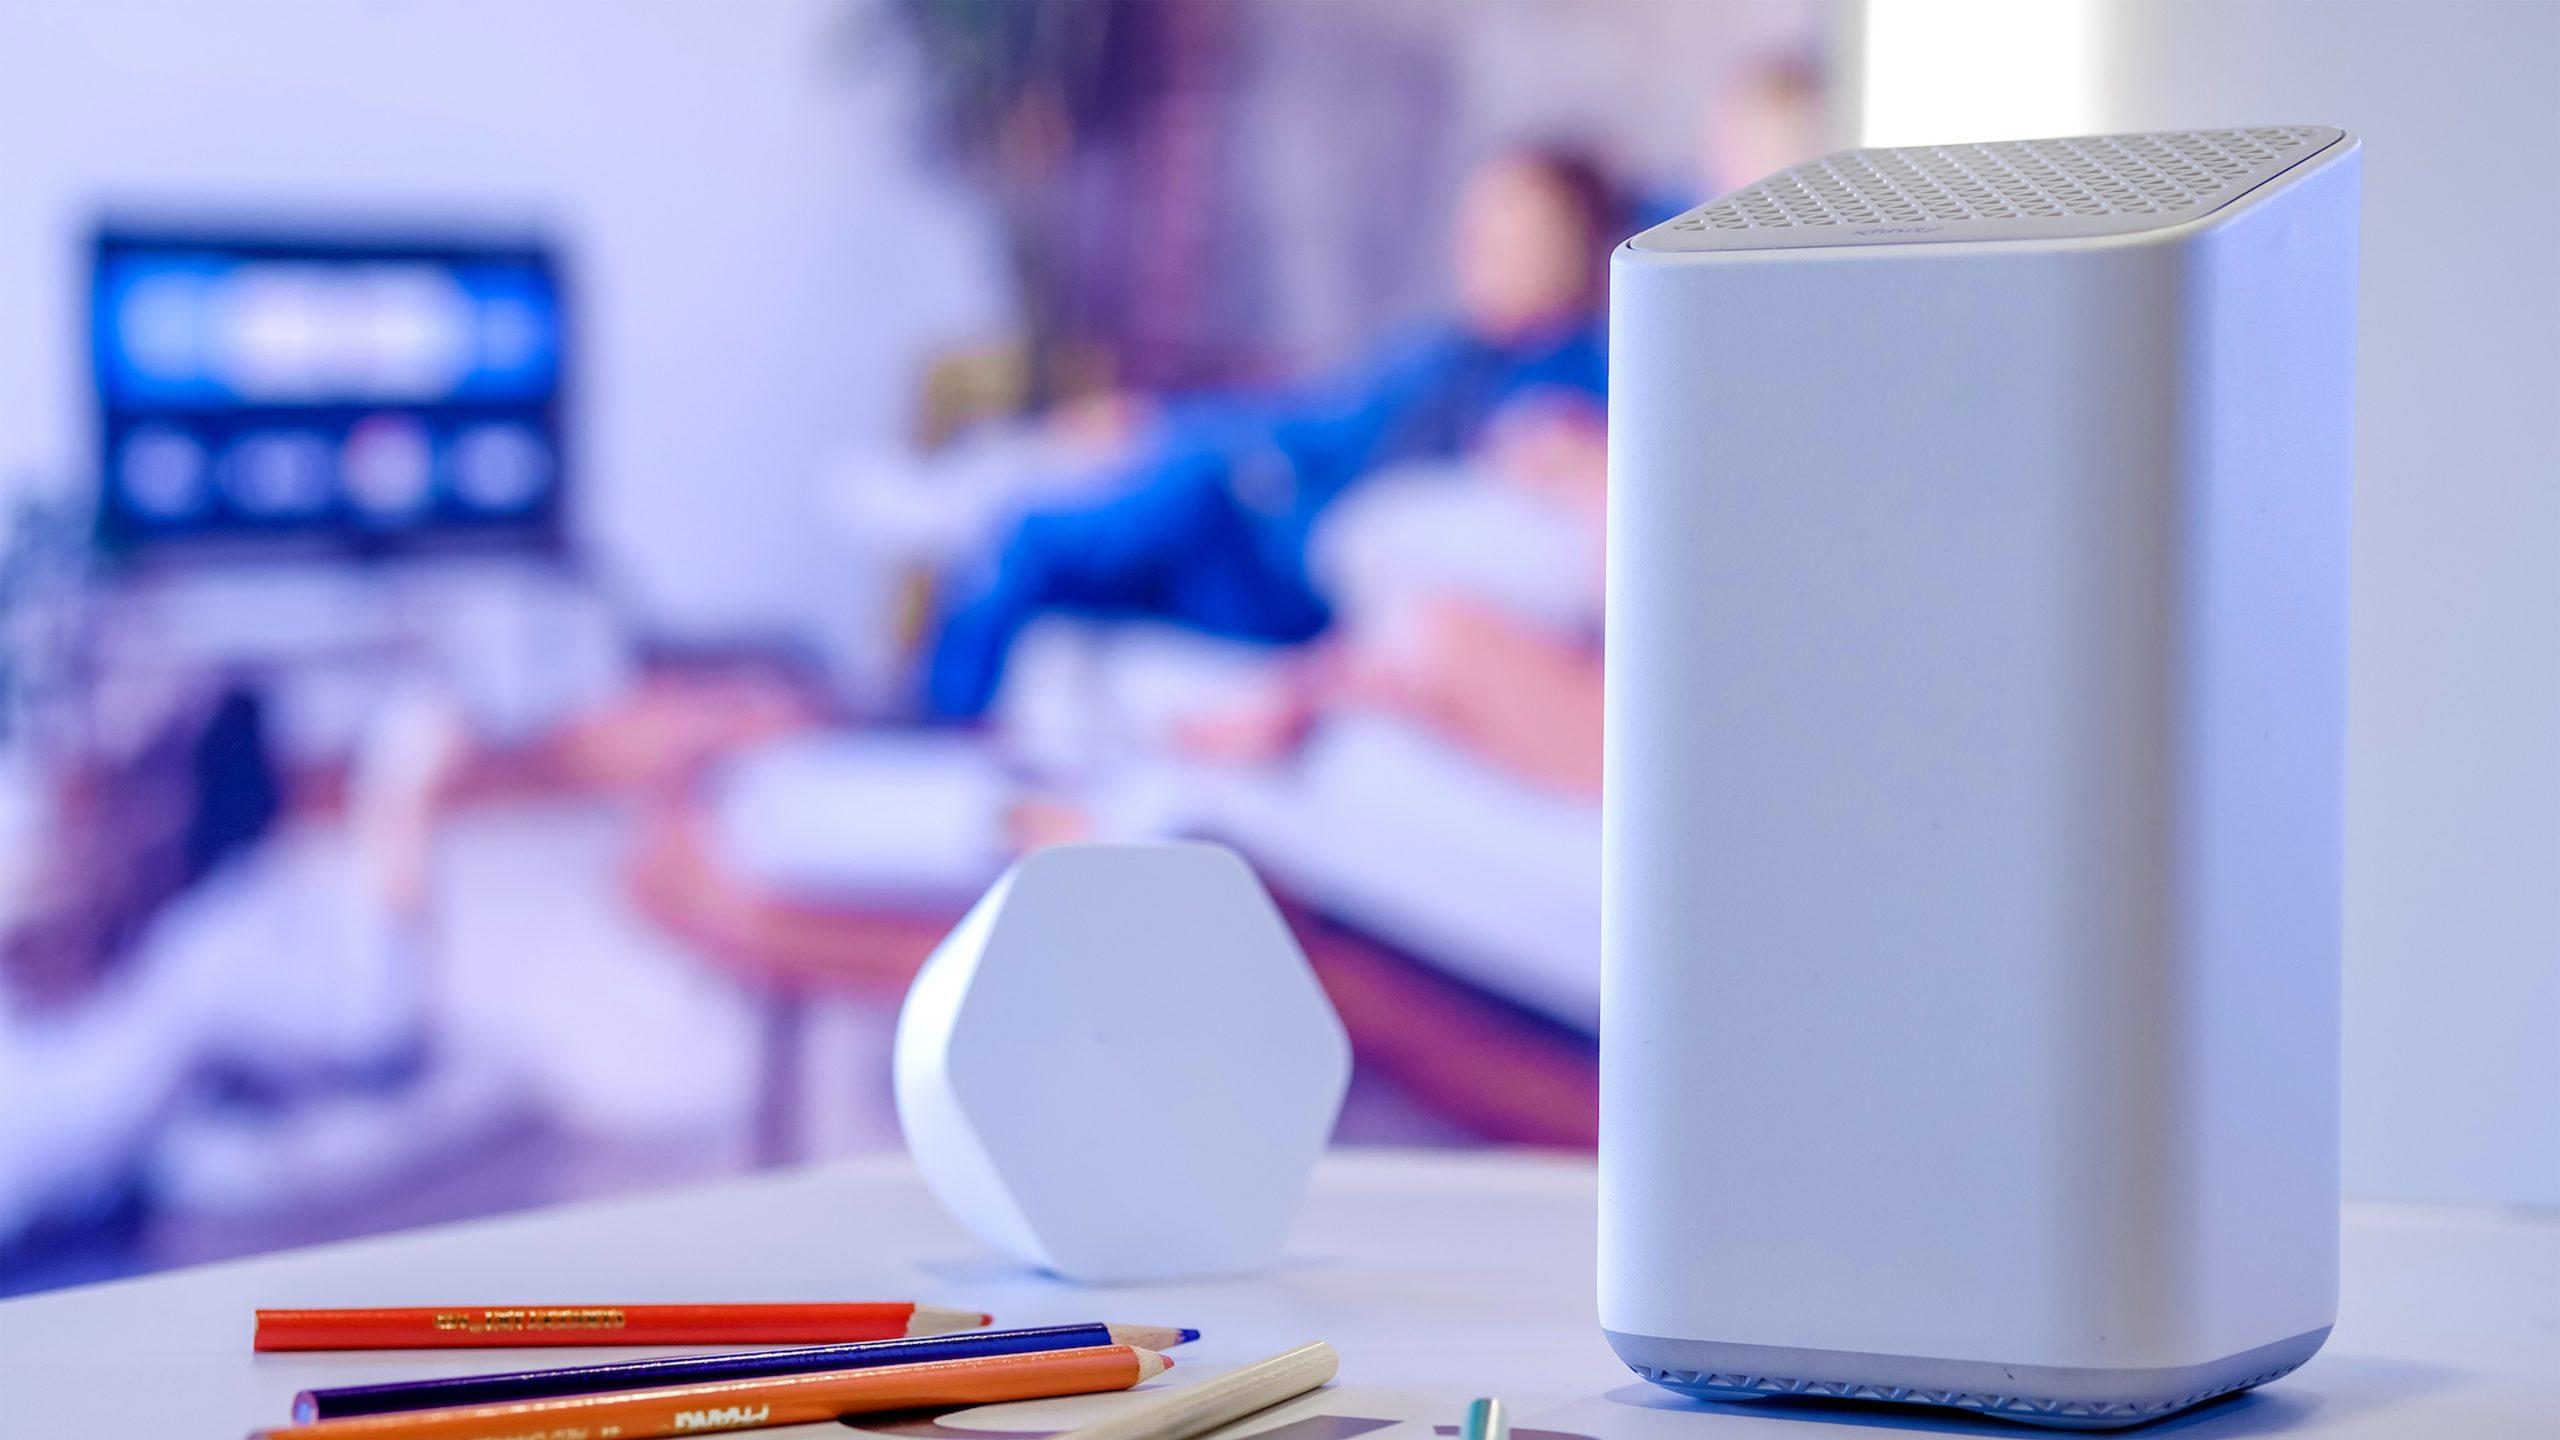 Comcast-Xfinity-xFi-Pods-2nd-Generation-Gateway